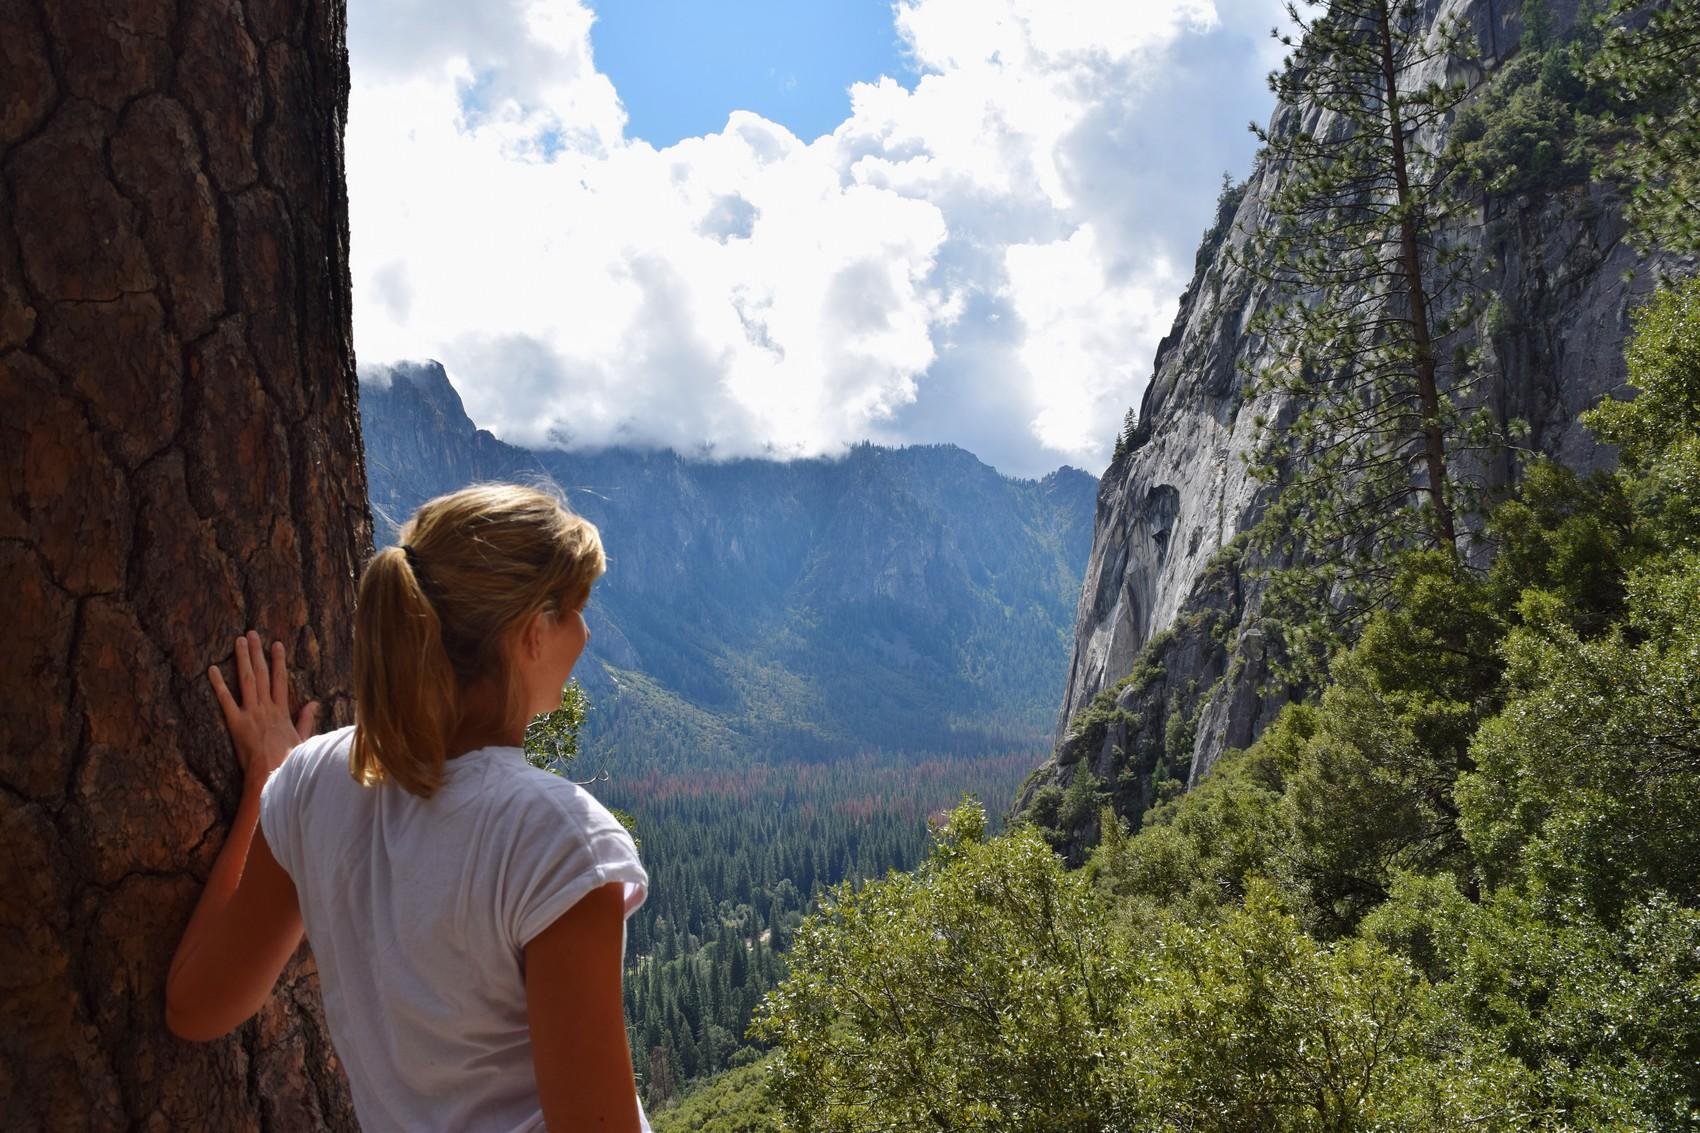 Voyage au coeur de la nature à Yosemite National Park